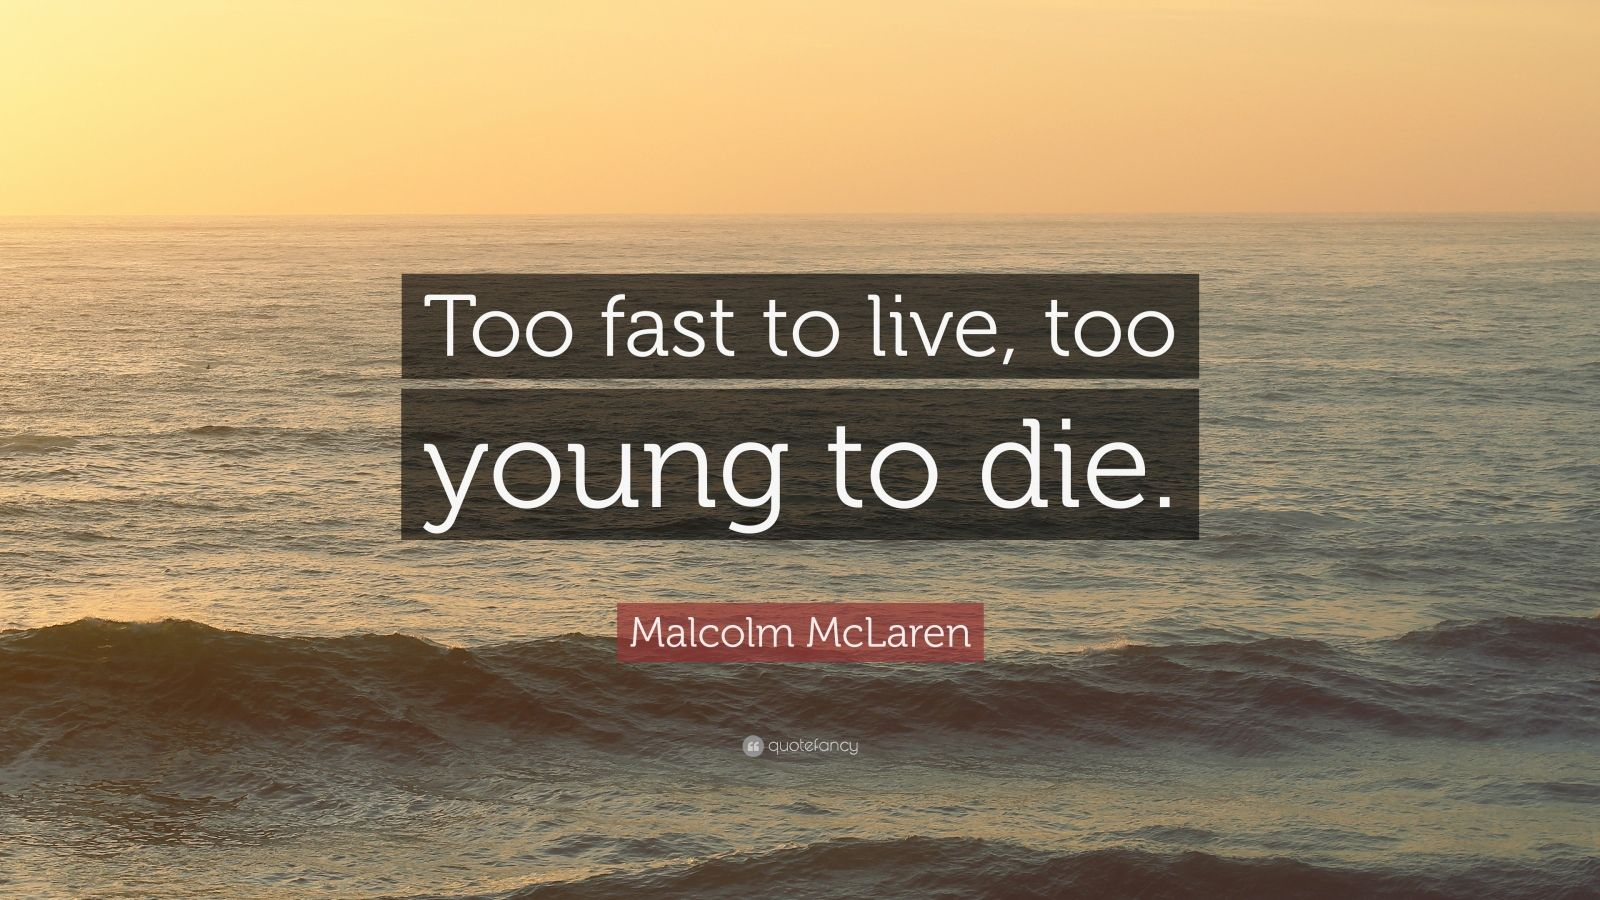 Malcolm Mclaren Quotes 25 Wallpapers Quotefancy